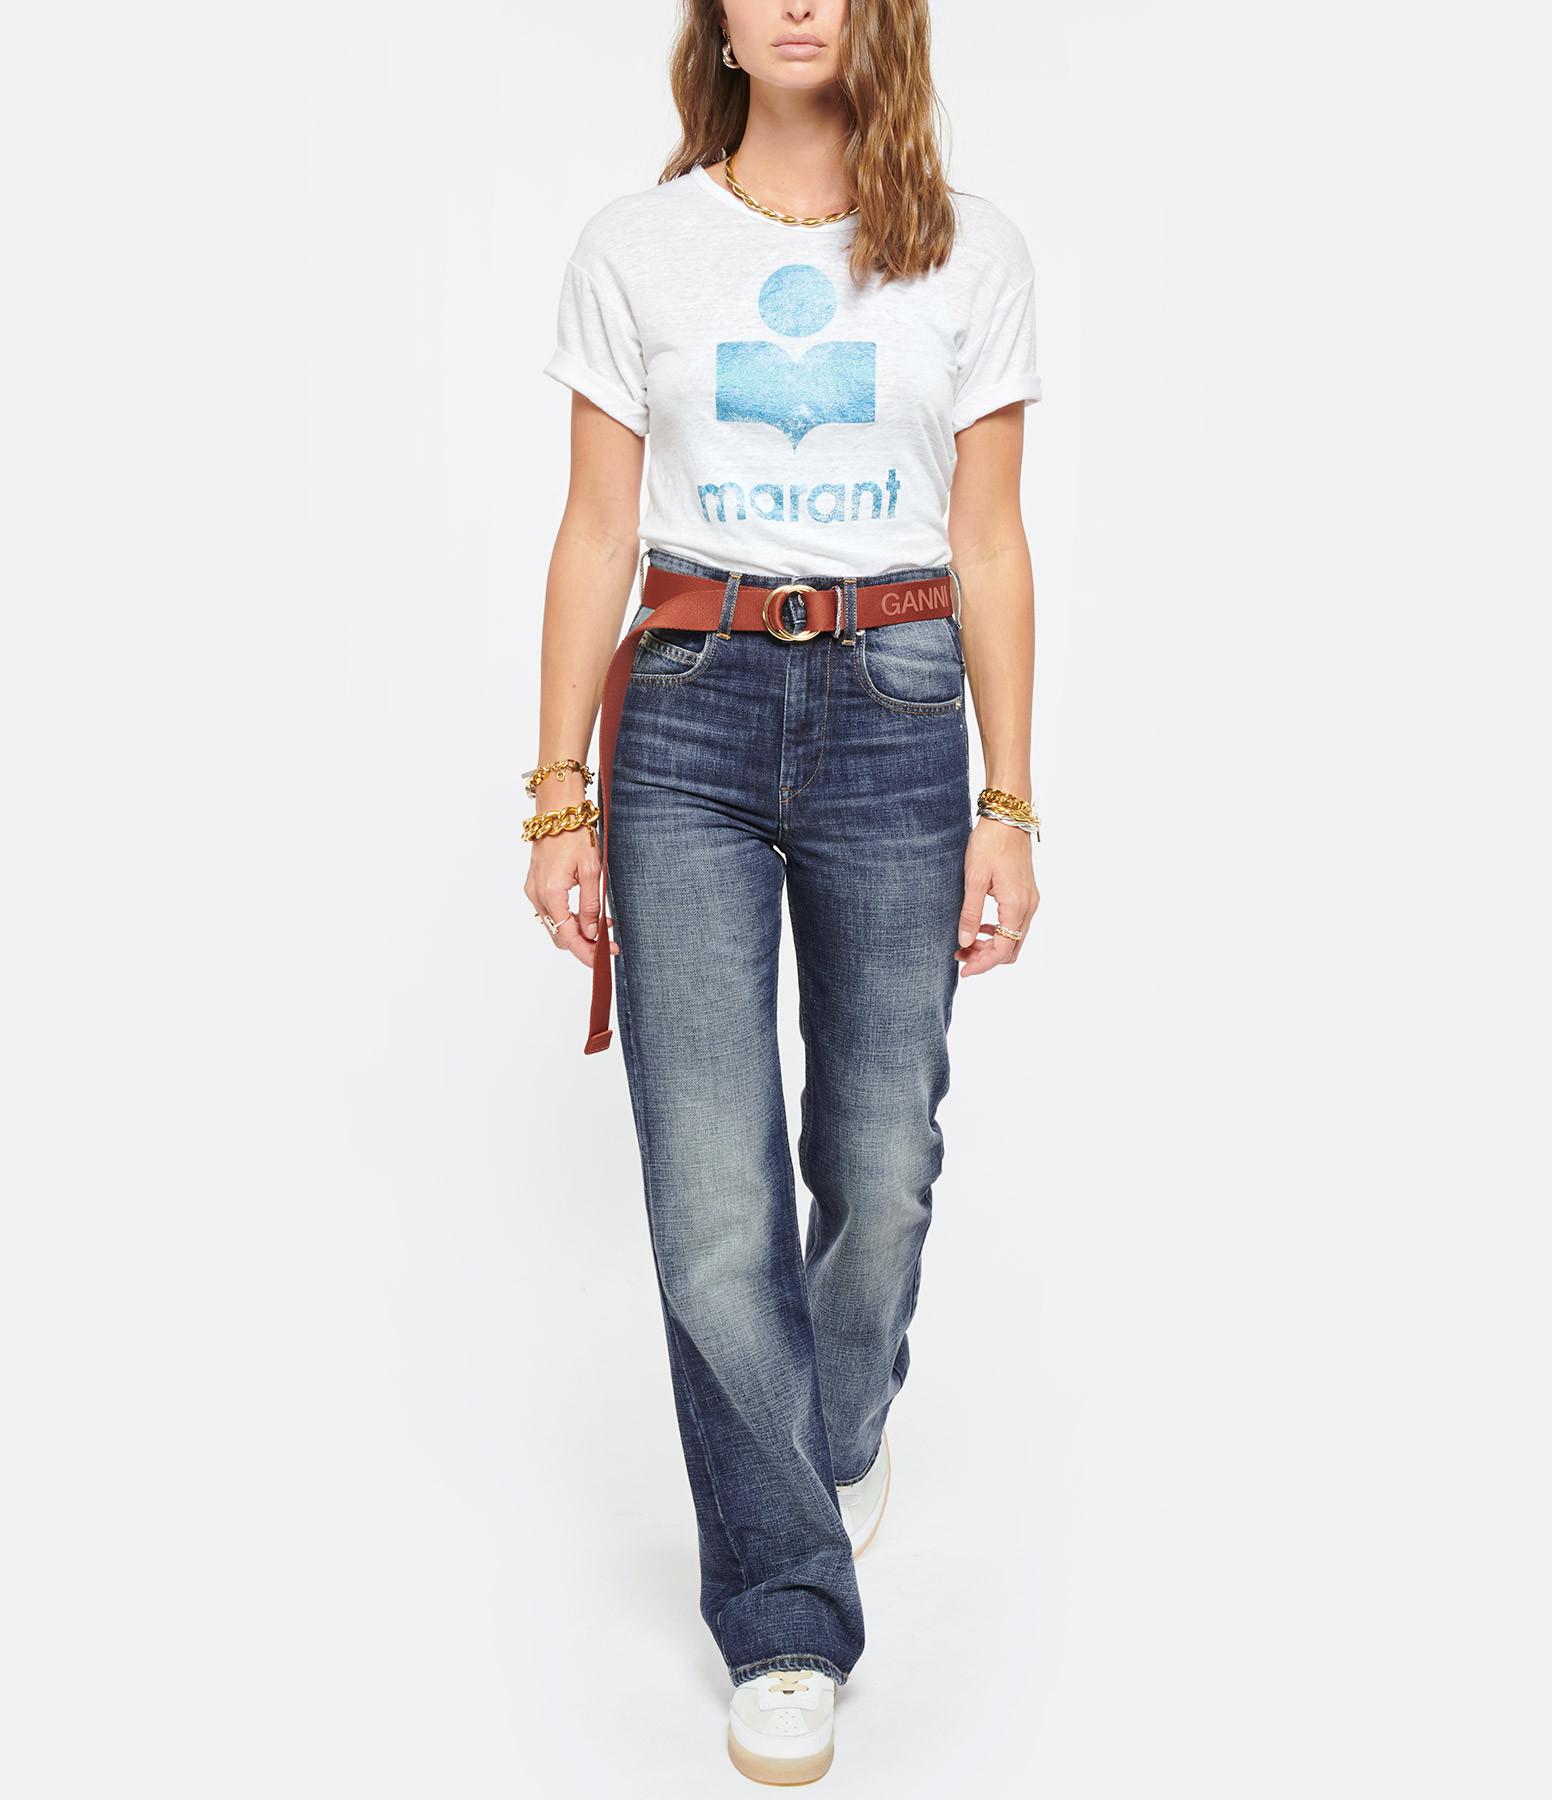 ISABEL MARANT ÉTOILE - Tee-shirt Koldi Lin Blanc Bleu